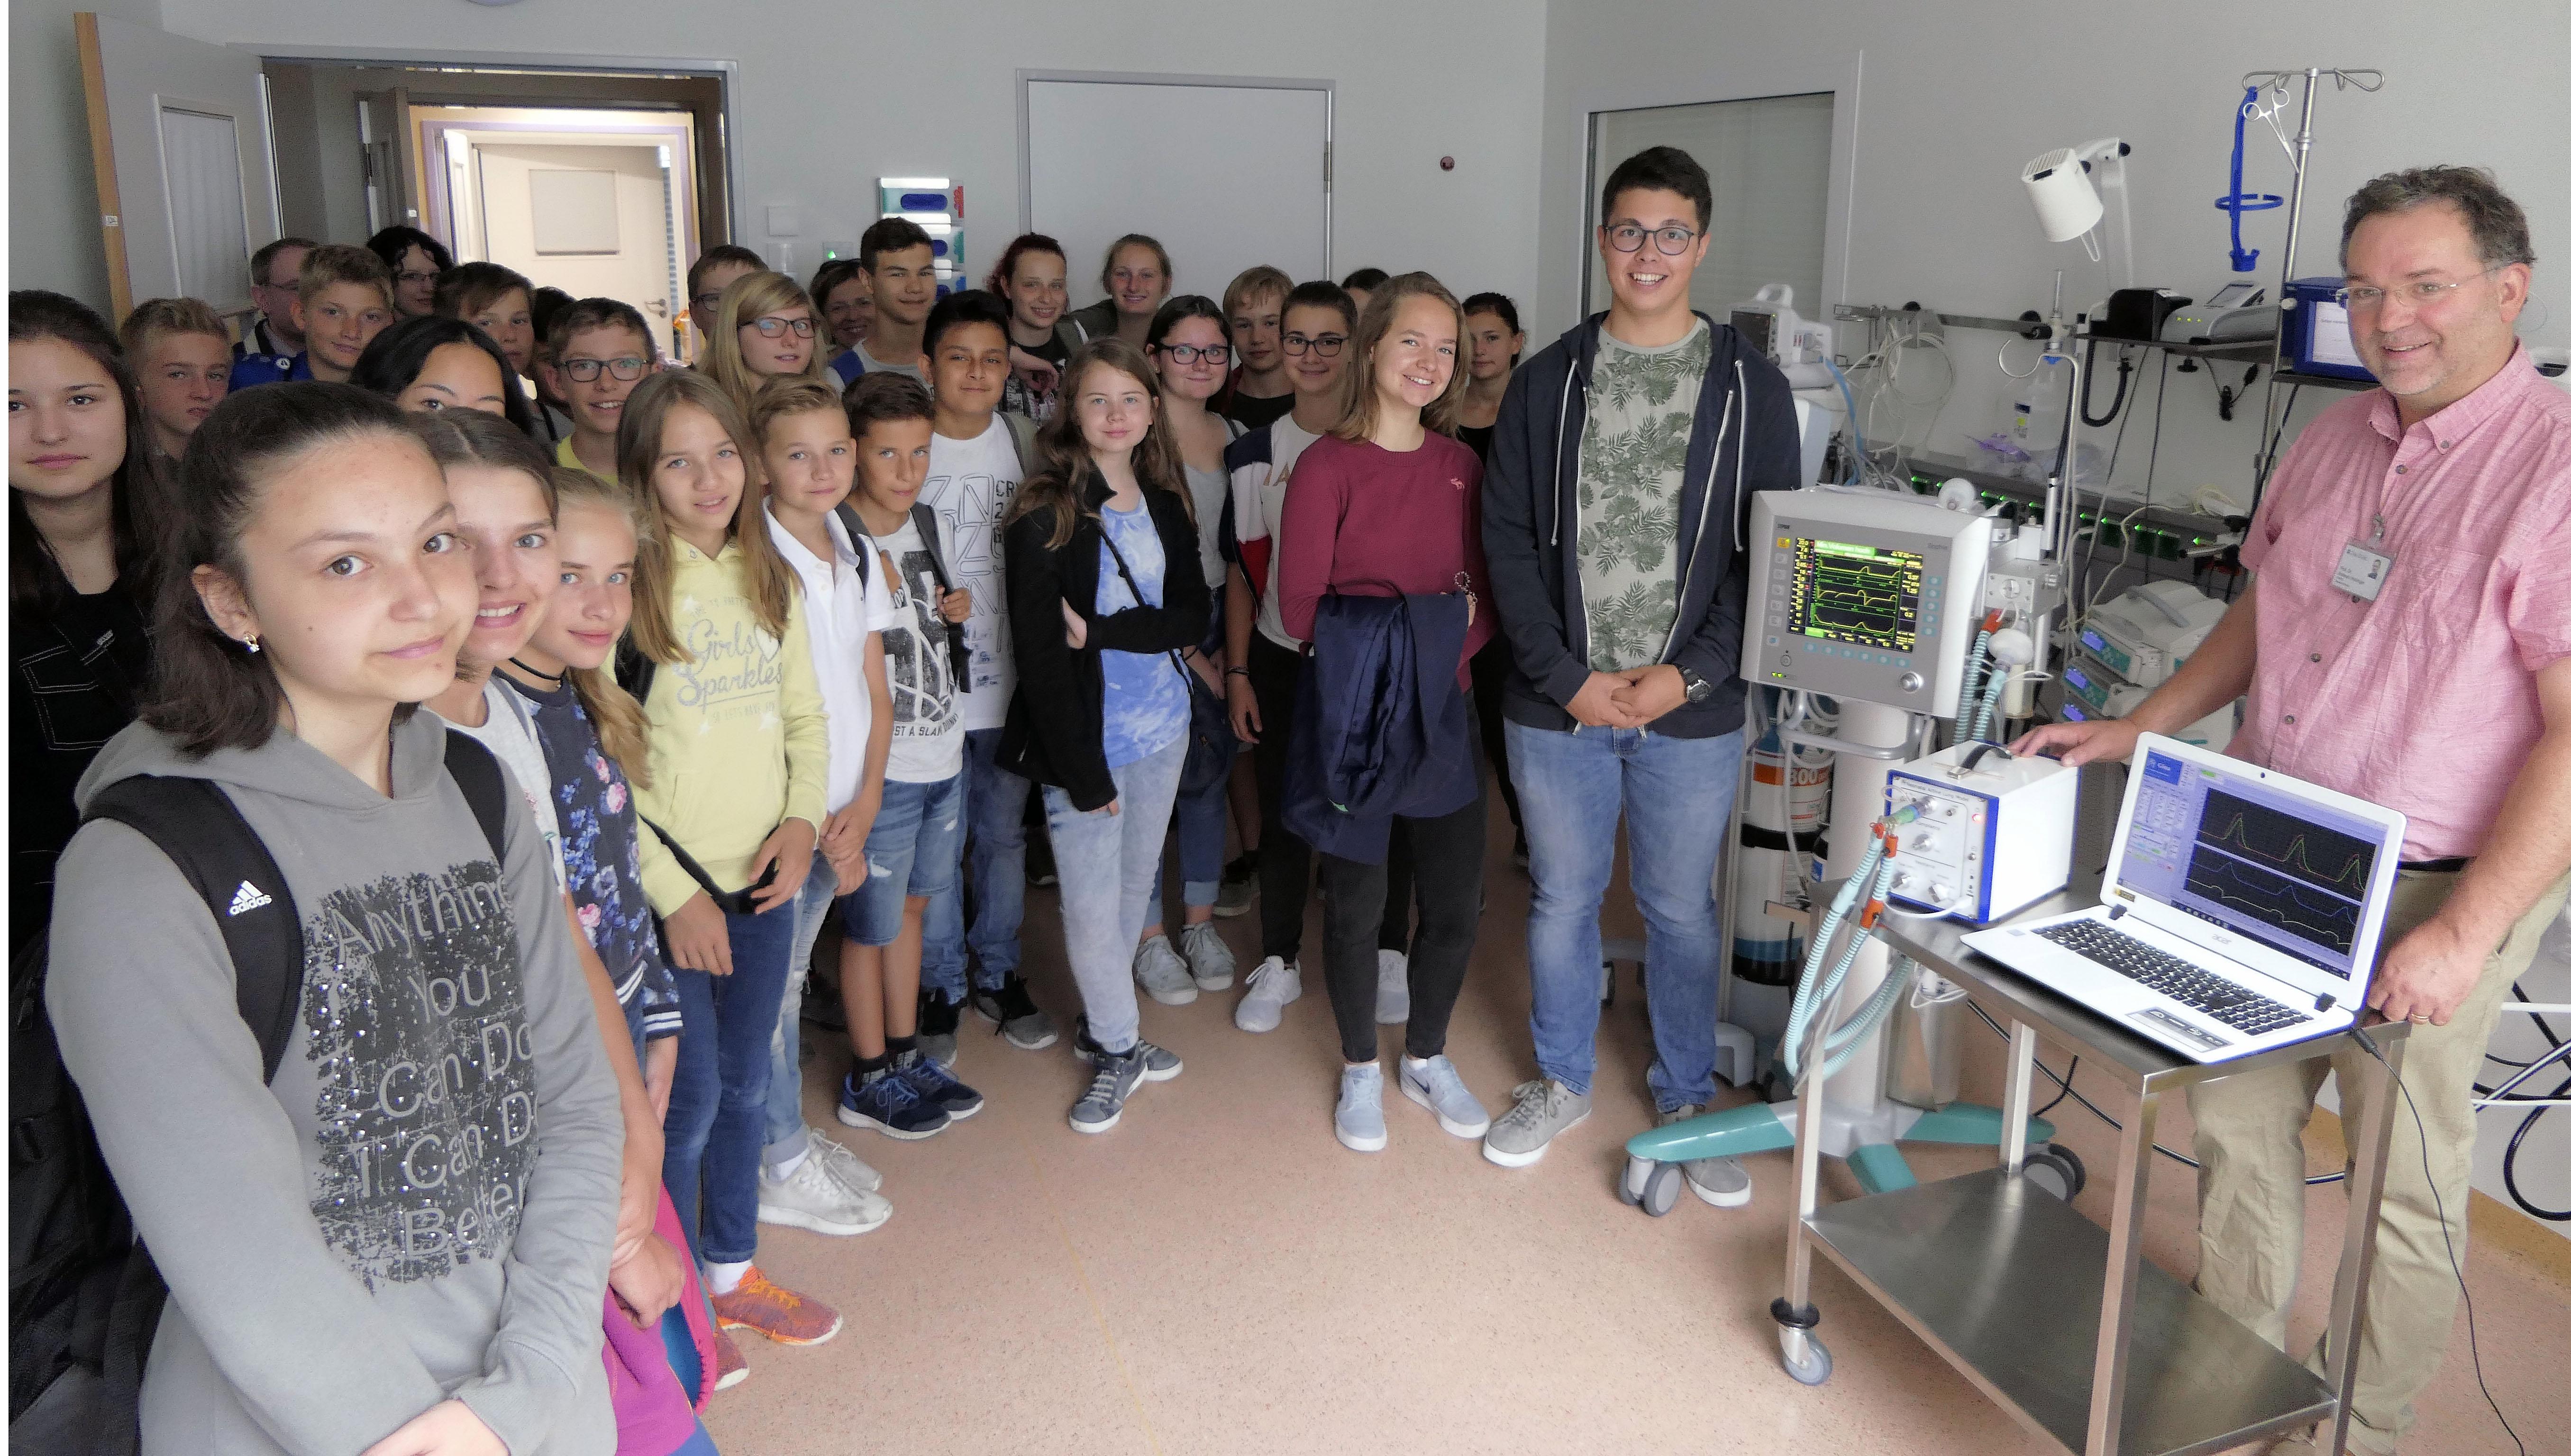 Schülerinnen und Schüler von St. Michael engagieren sich